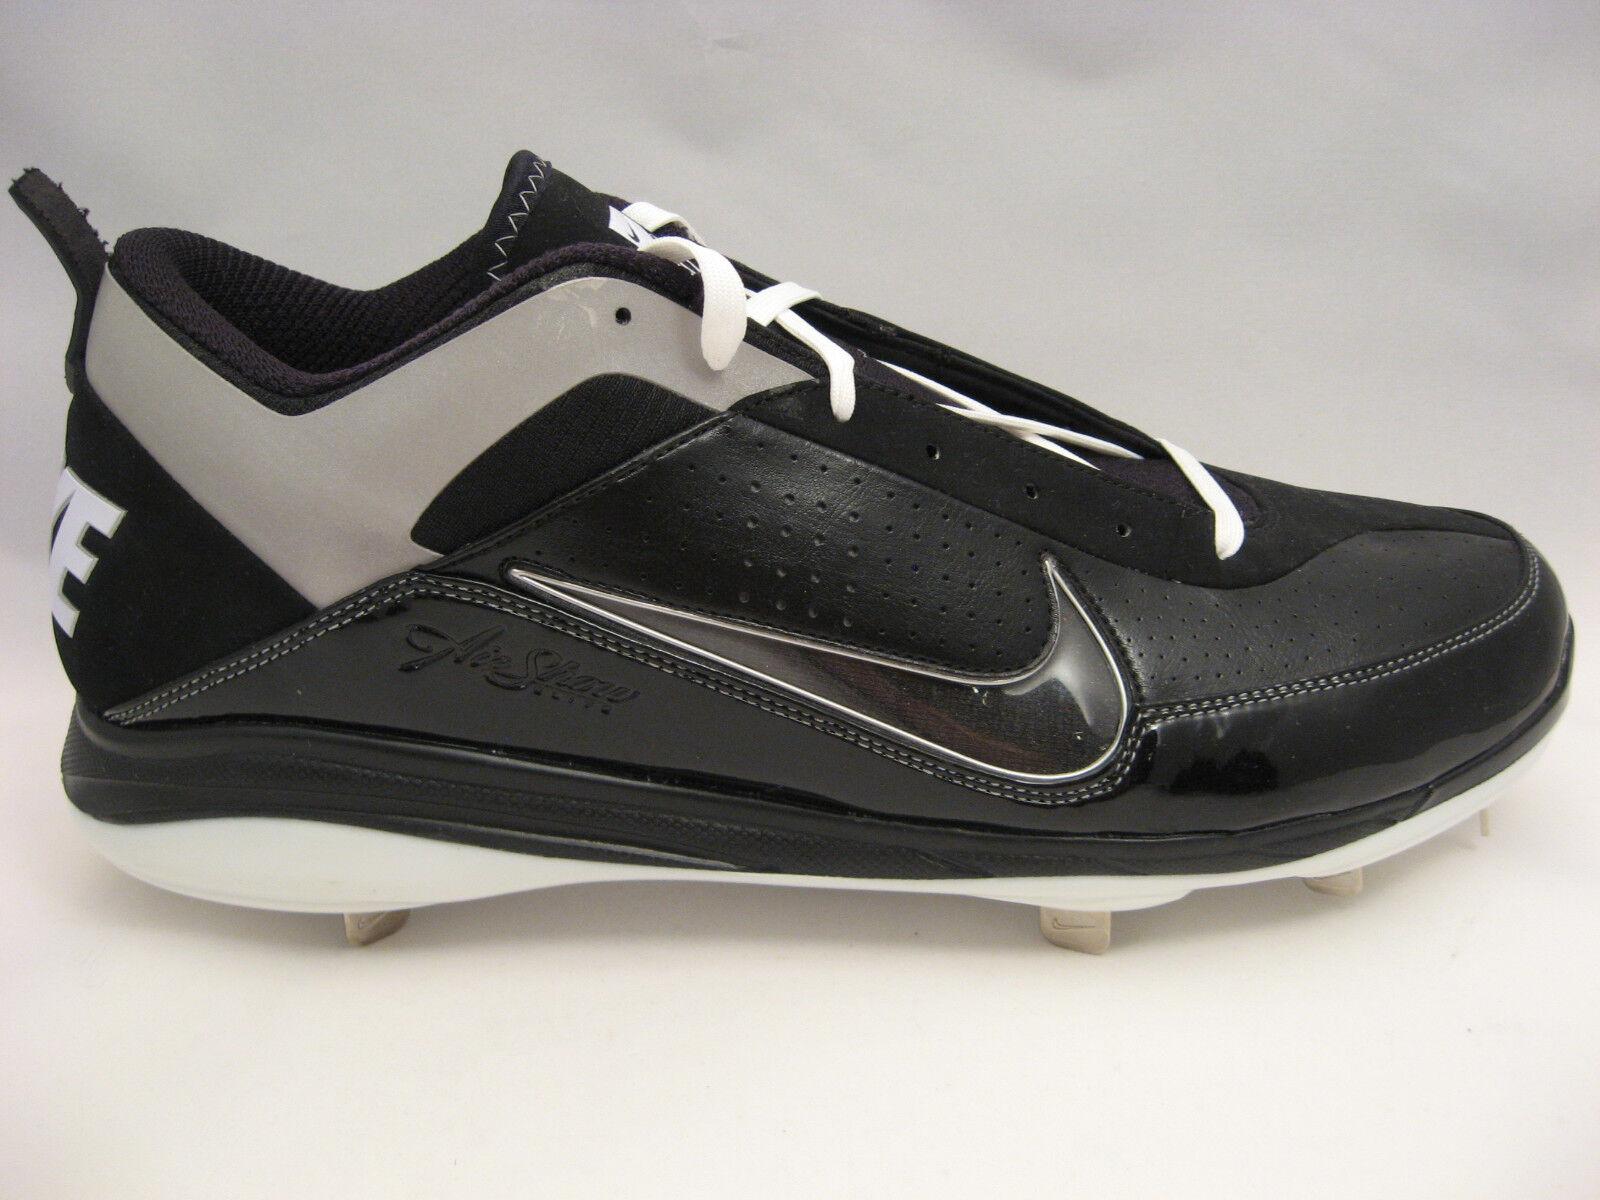 Nike Nike Nike baseball cleats 15 air show elite metal spike professional model schuhe model eba561